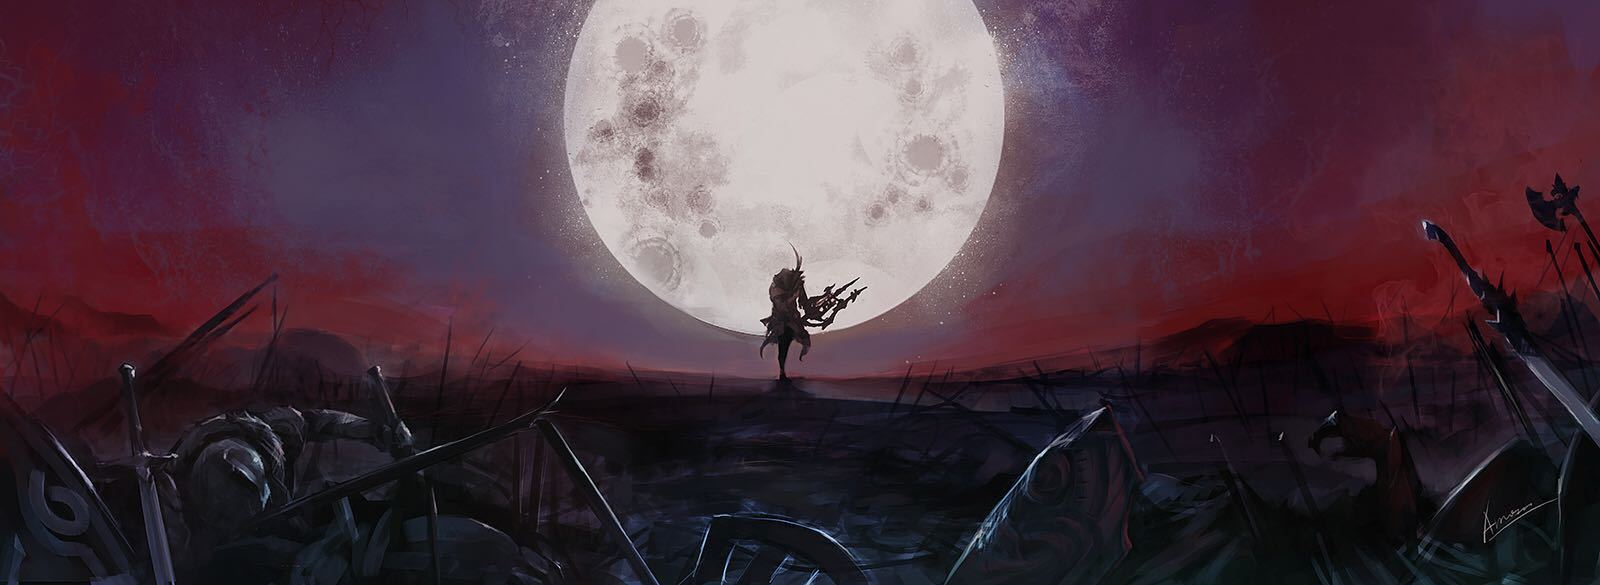 笔尖上的艾欧泽亚系列 栎画大神新作:月神弓